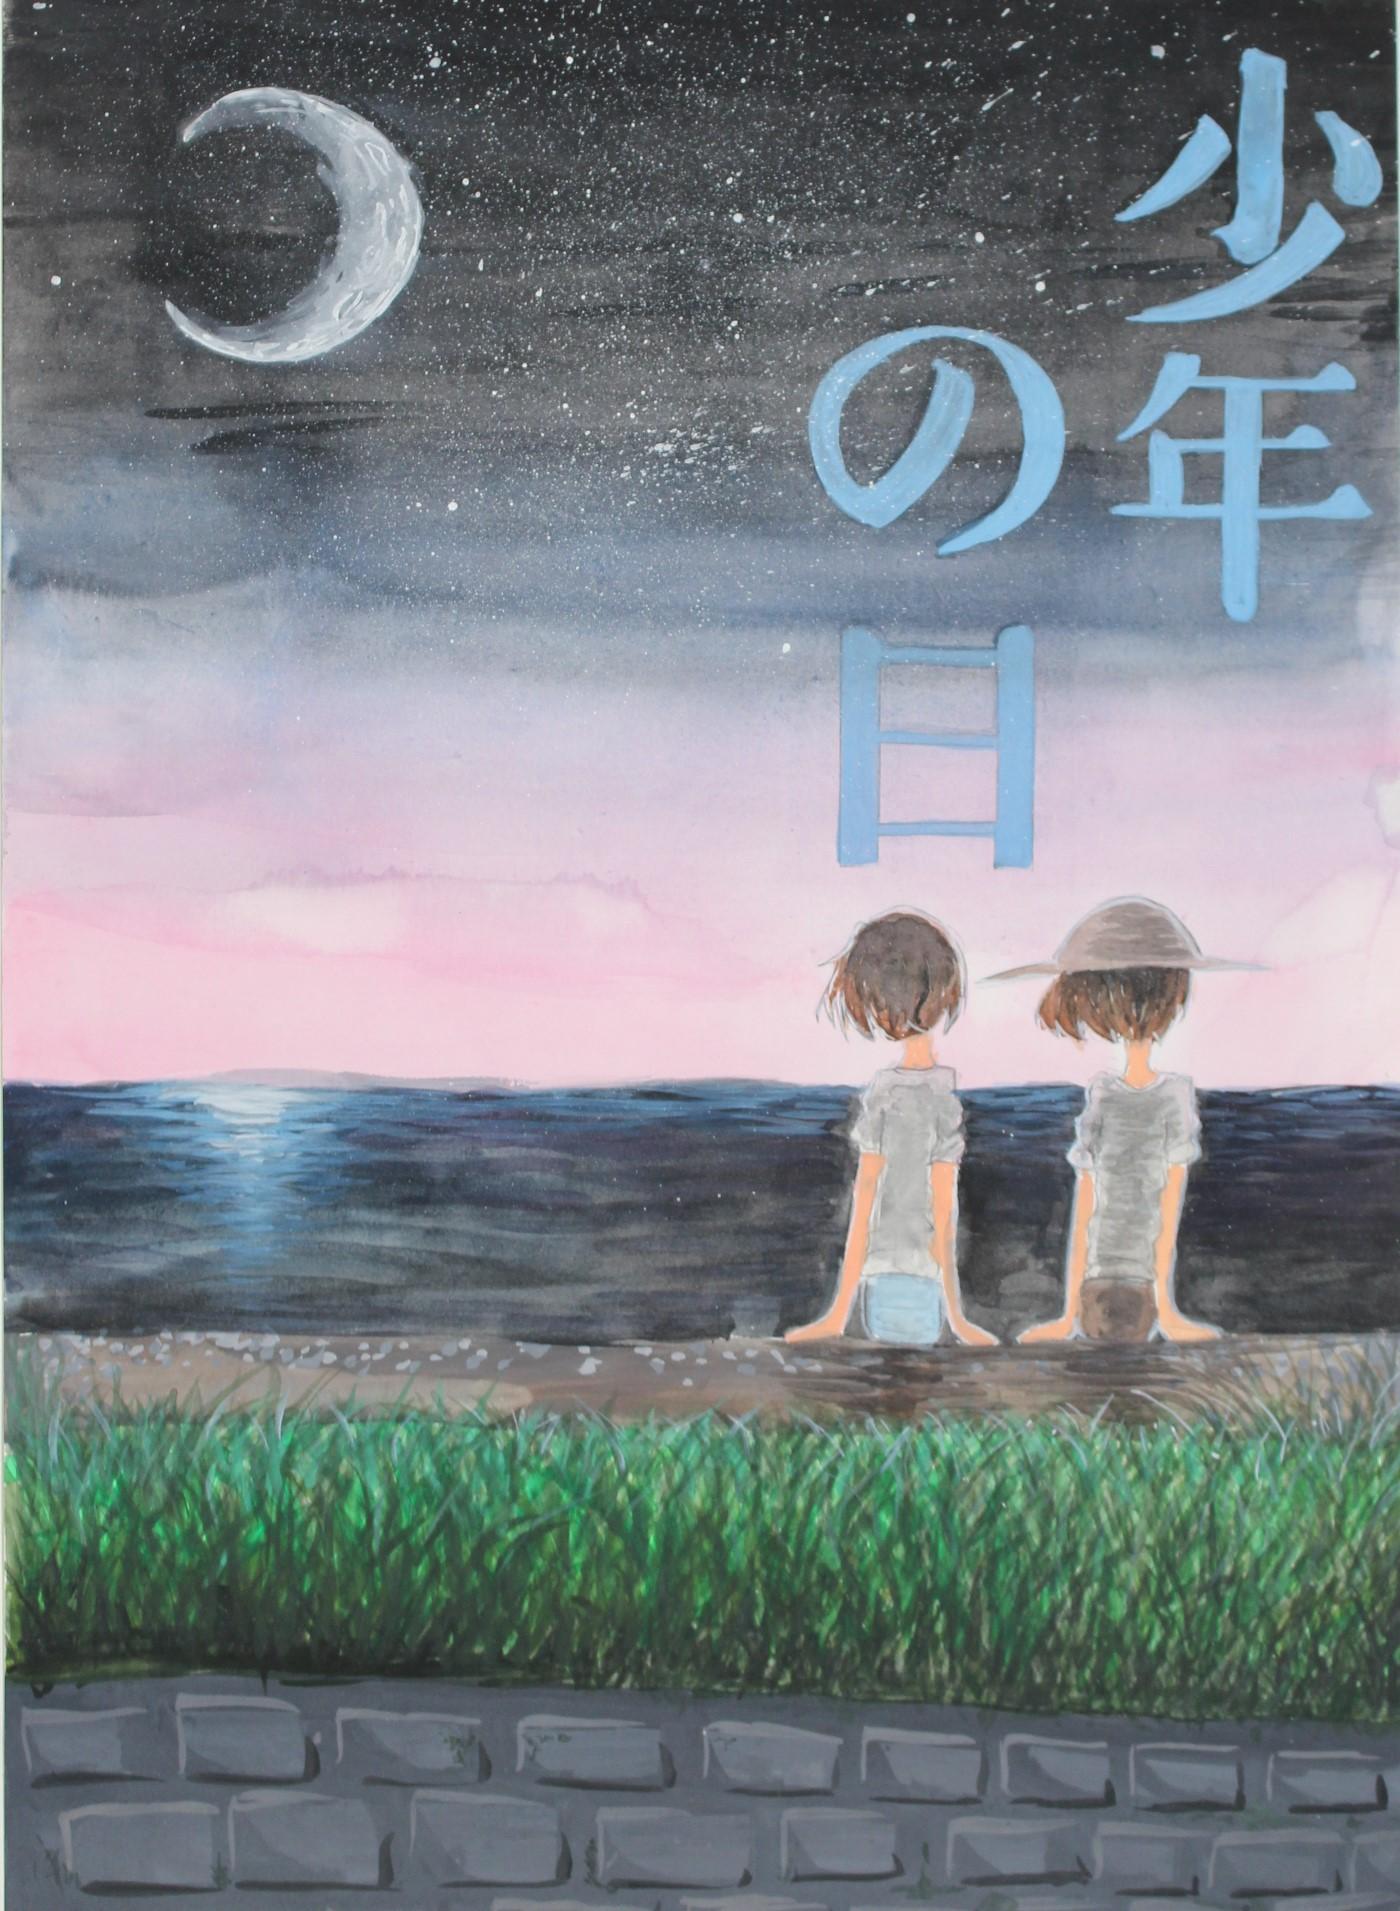 優良賞-宮崎市立田野小学校 6年 太田 美海(おおた みう)さん